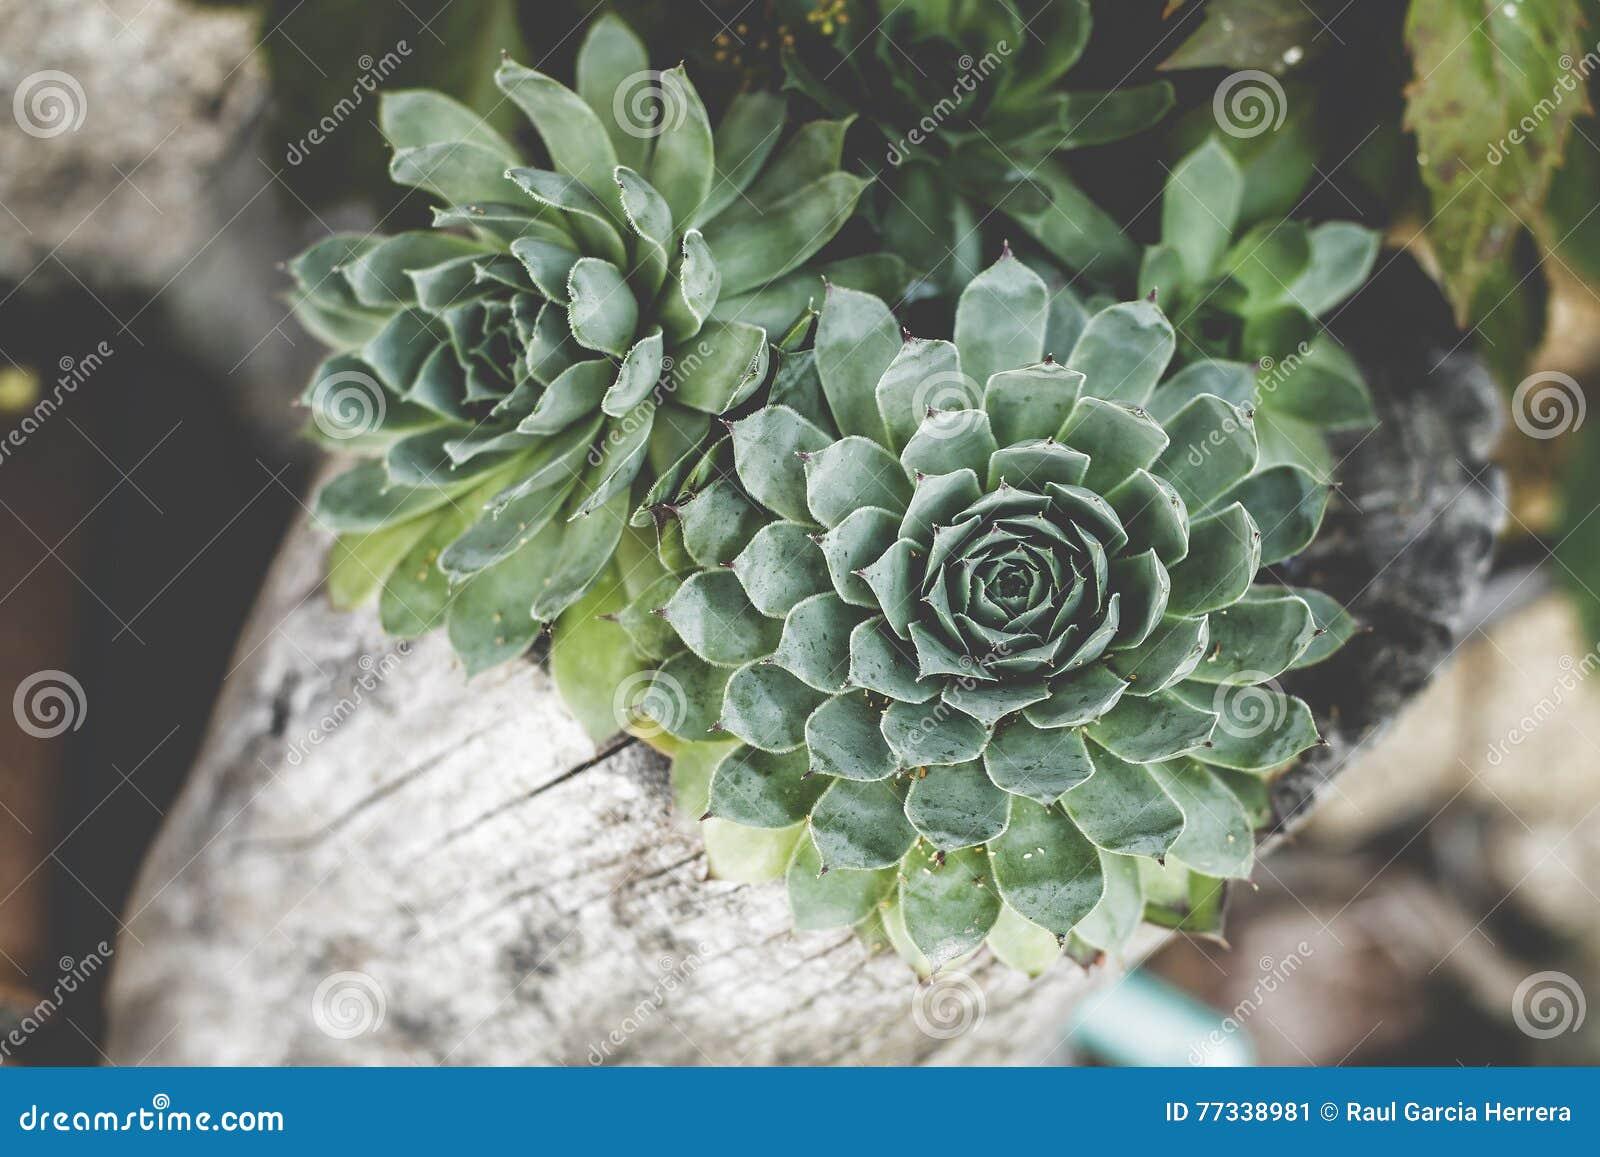 Почему цветок зеленый цветок